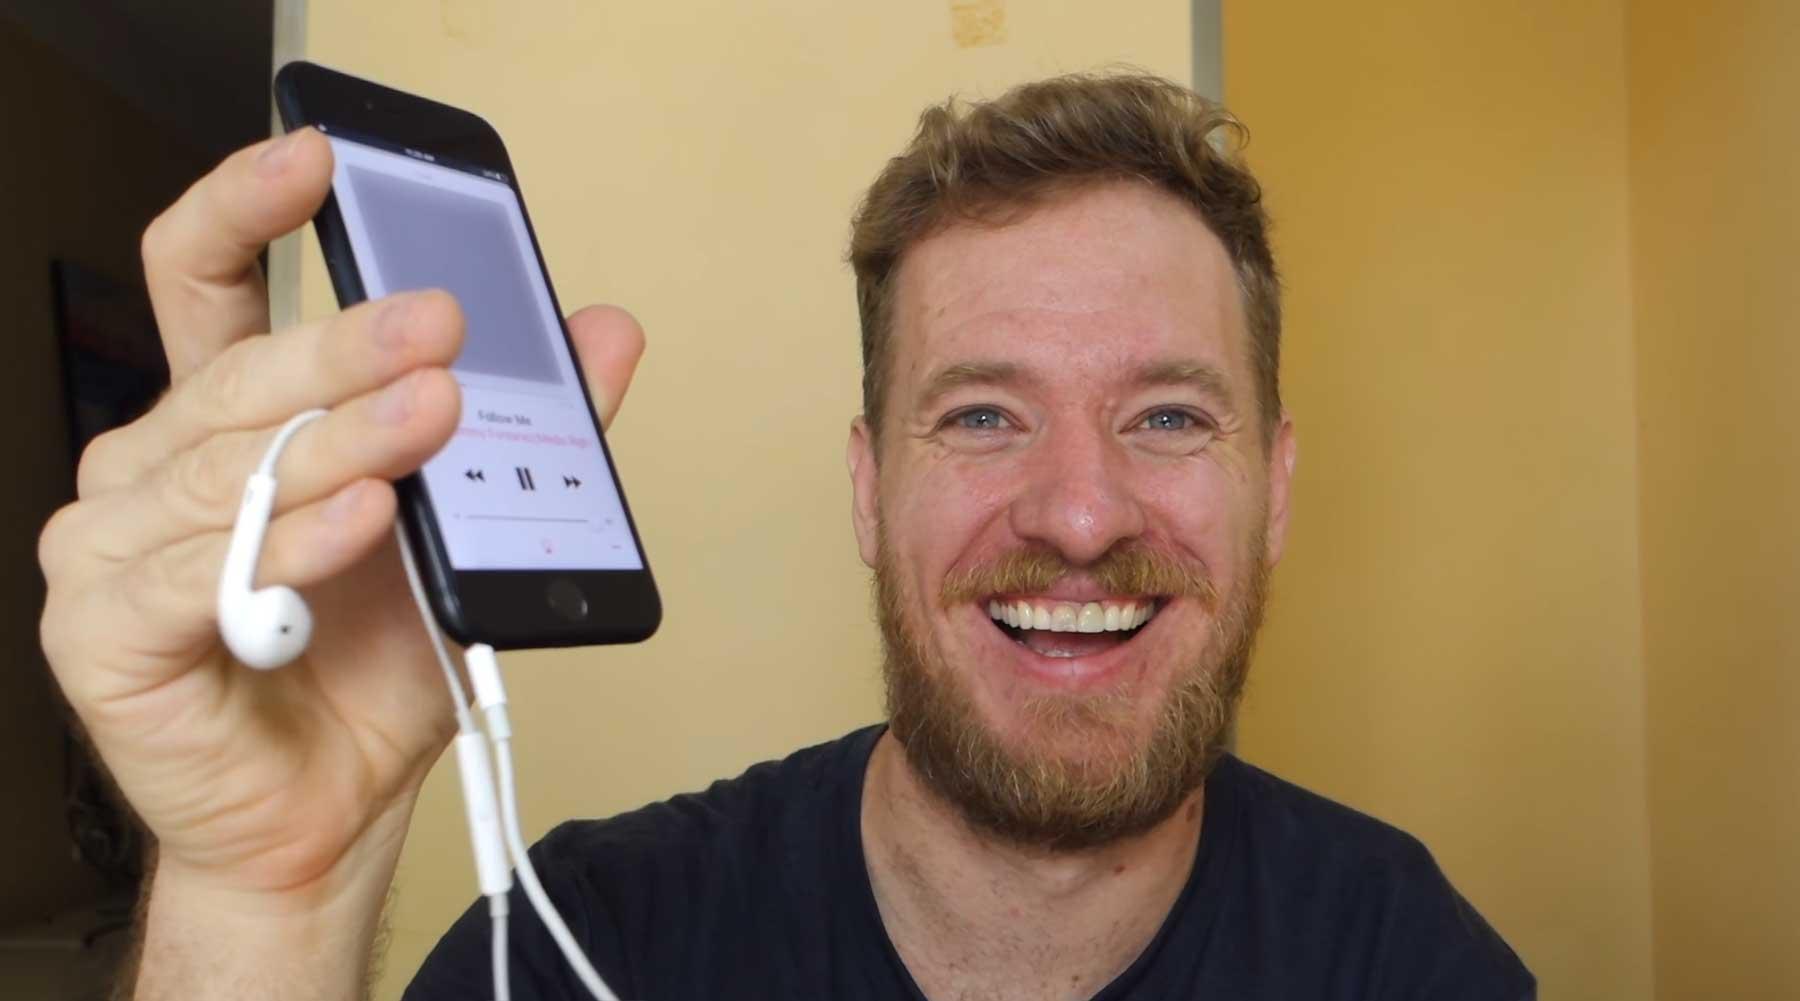 Scotty Allen hat sich einen Kopfhörereingang ins iPhone 7 gebaut